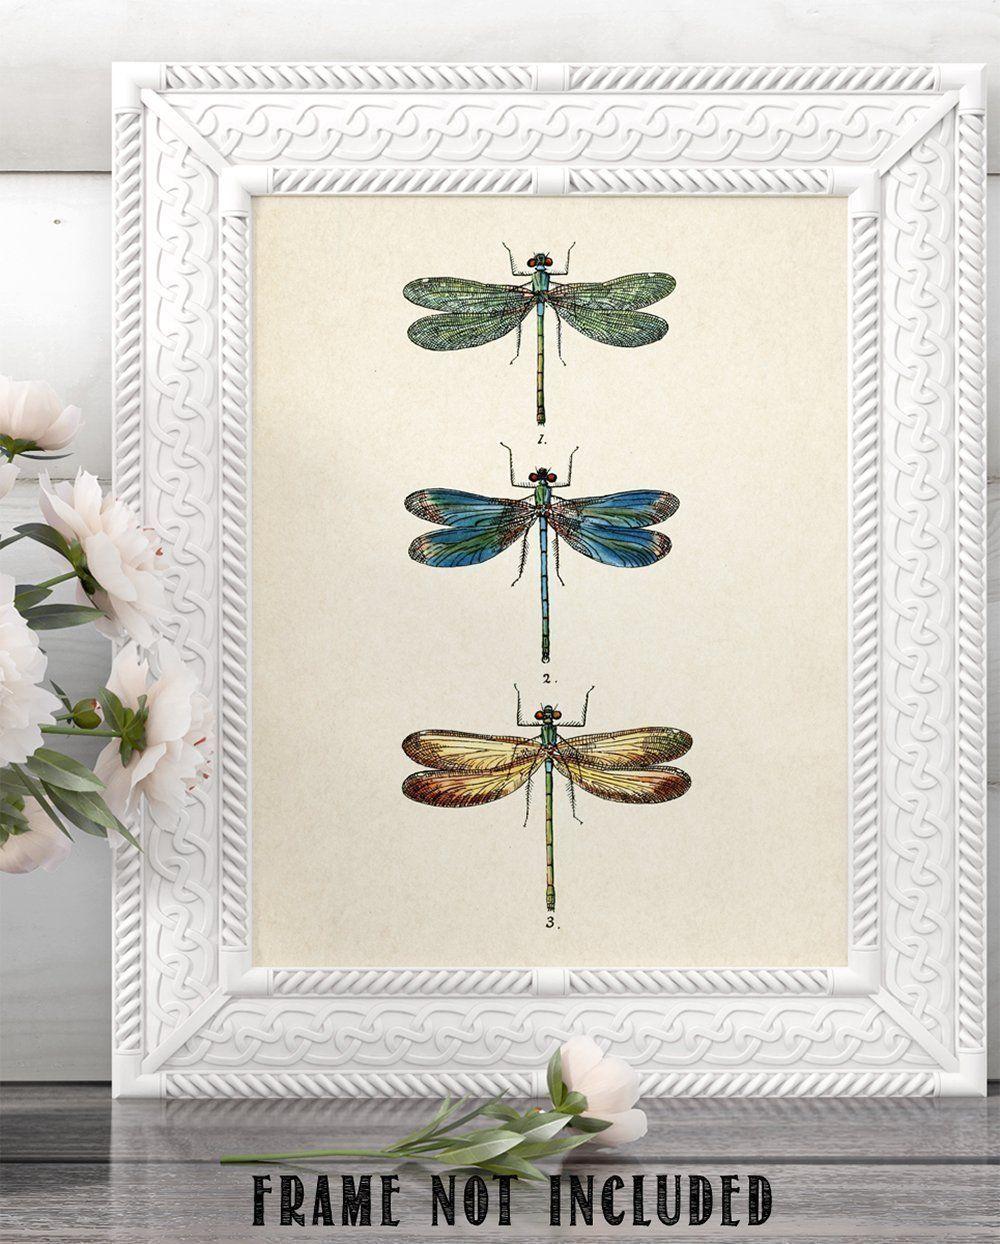 Dragonflies artwork 11x14 unframed art print great gift